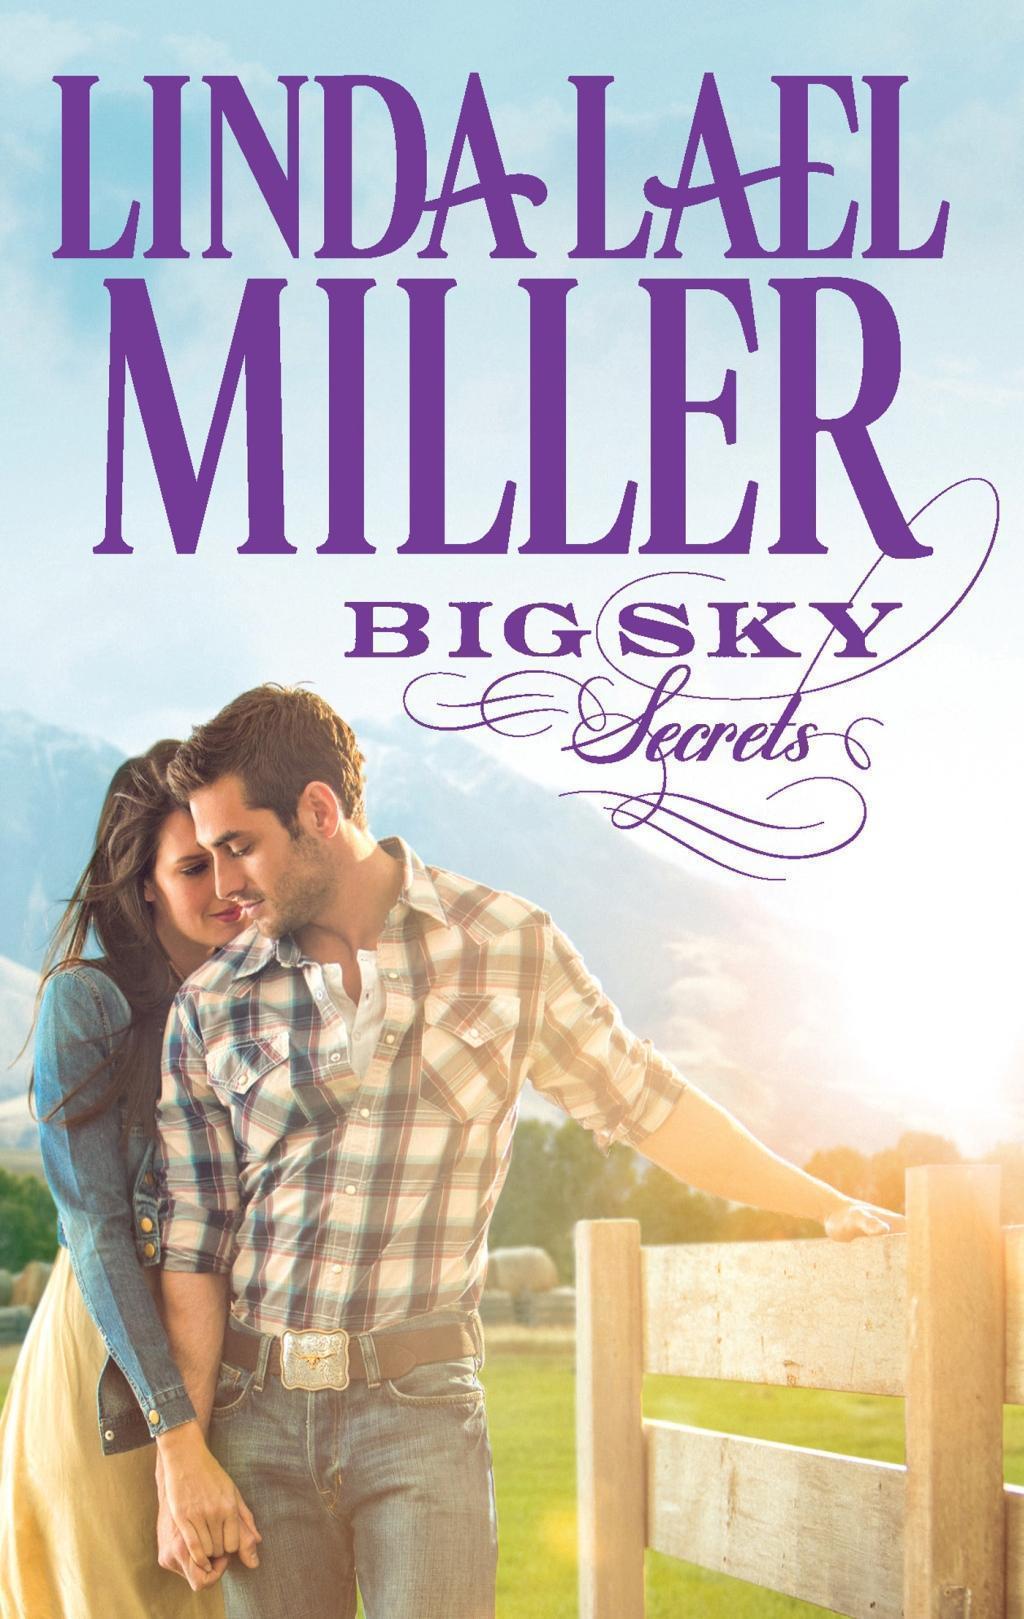 Big Sky Secrets (Mills & Boon M&B)